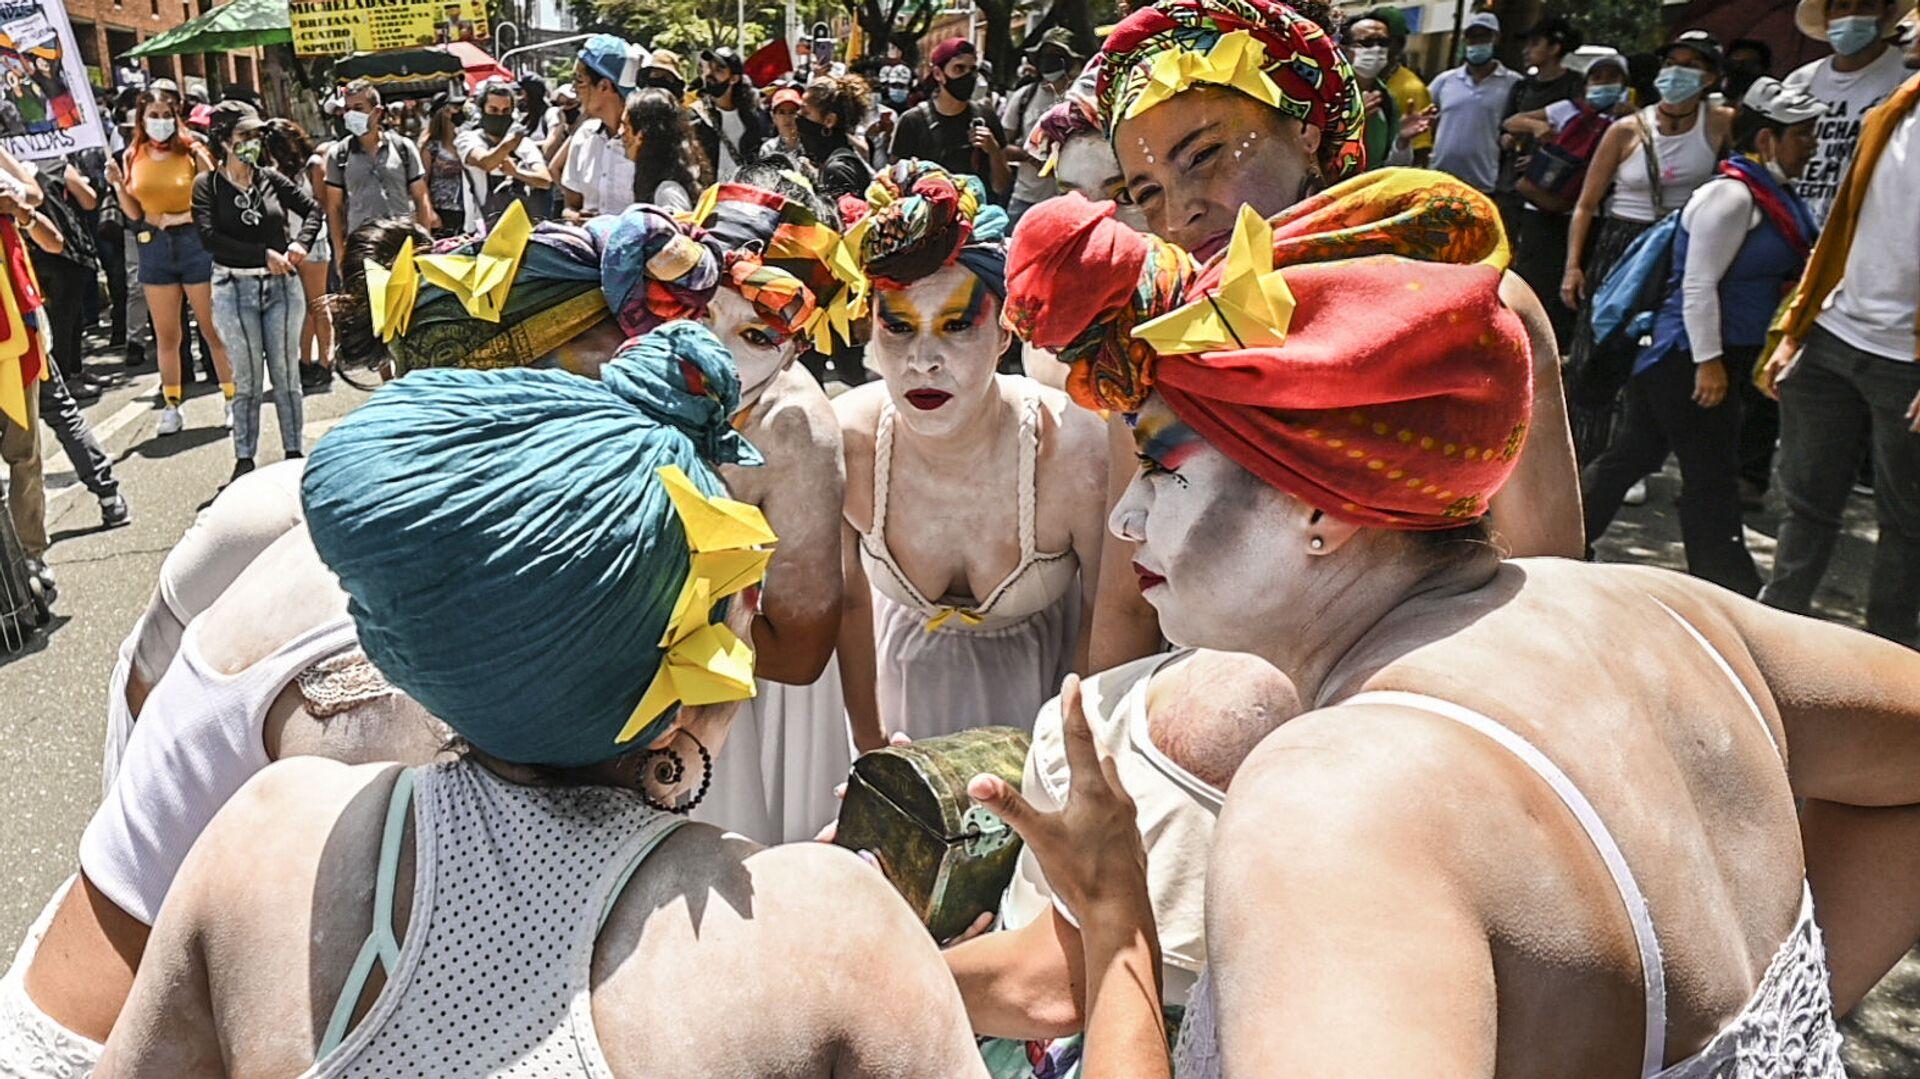 Proteste in Colombia: anche gli artisti scendono in piazza contro il presidente Ivan Duque - Sputnik Italia, 1920, 06.06.2021